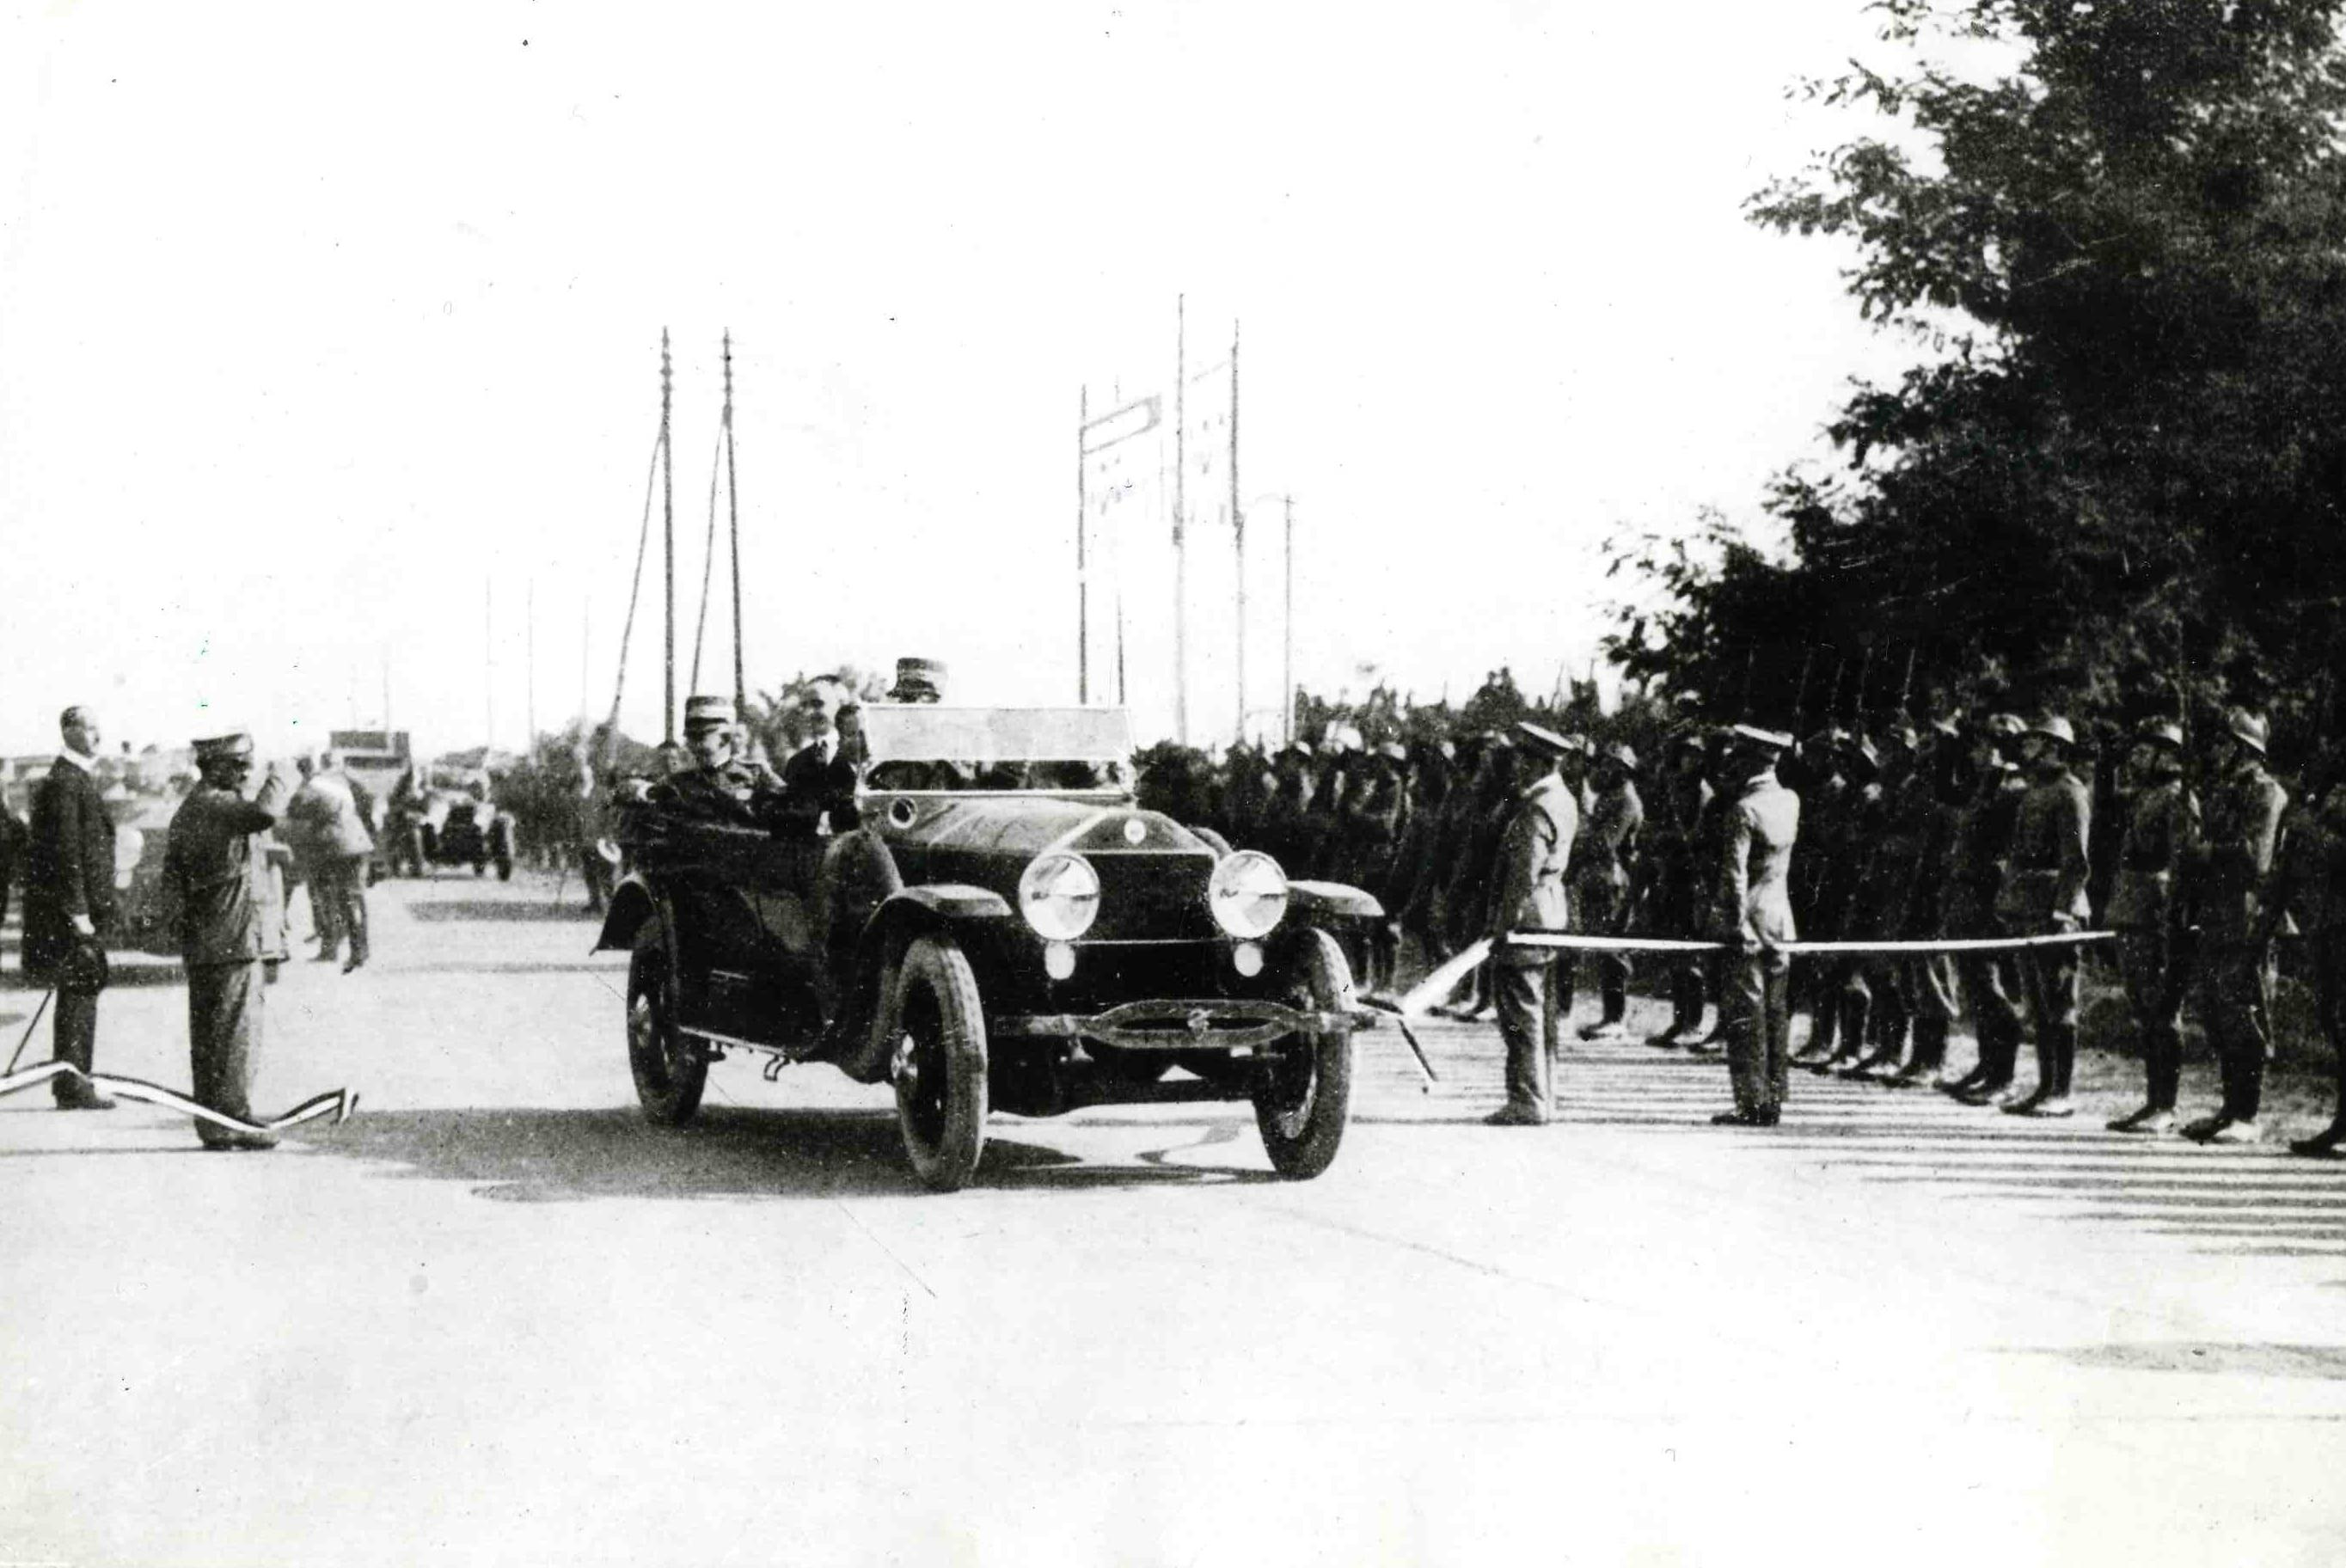 Otwarcie Autostrady Jezior - pierwszej autostrady we Włoszech - 21 września 1924